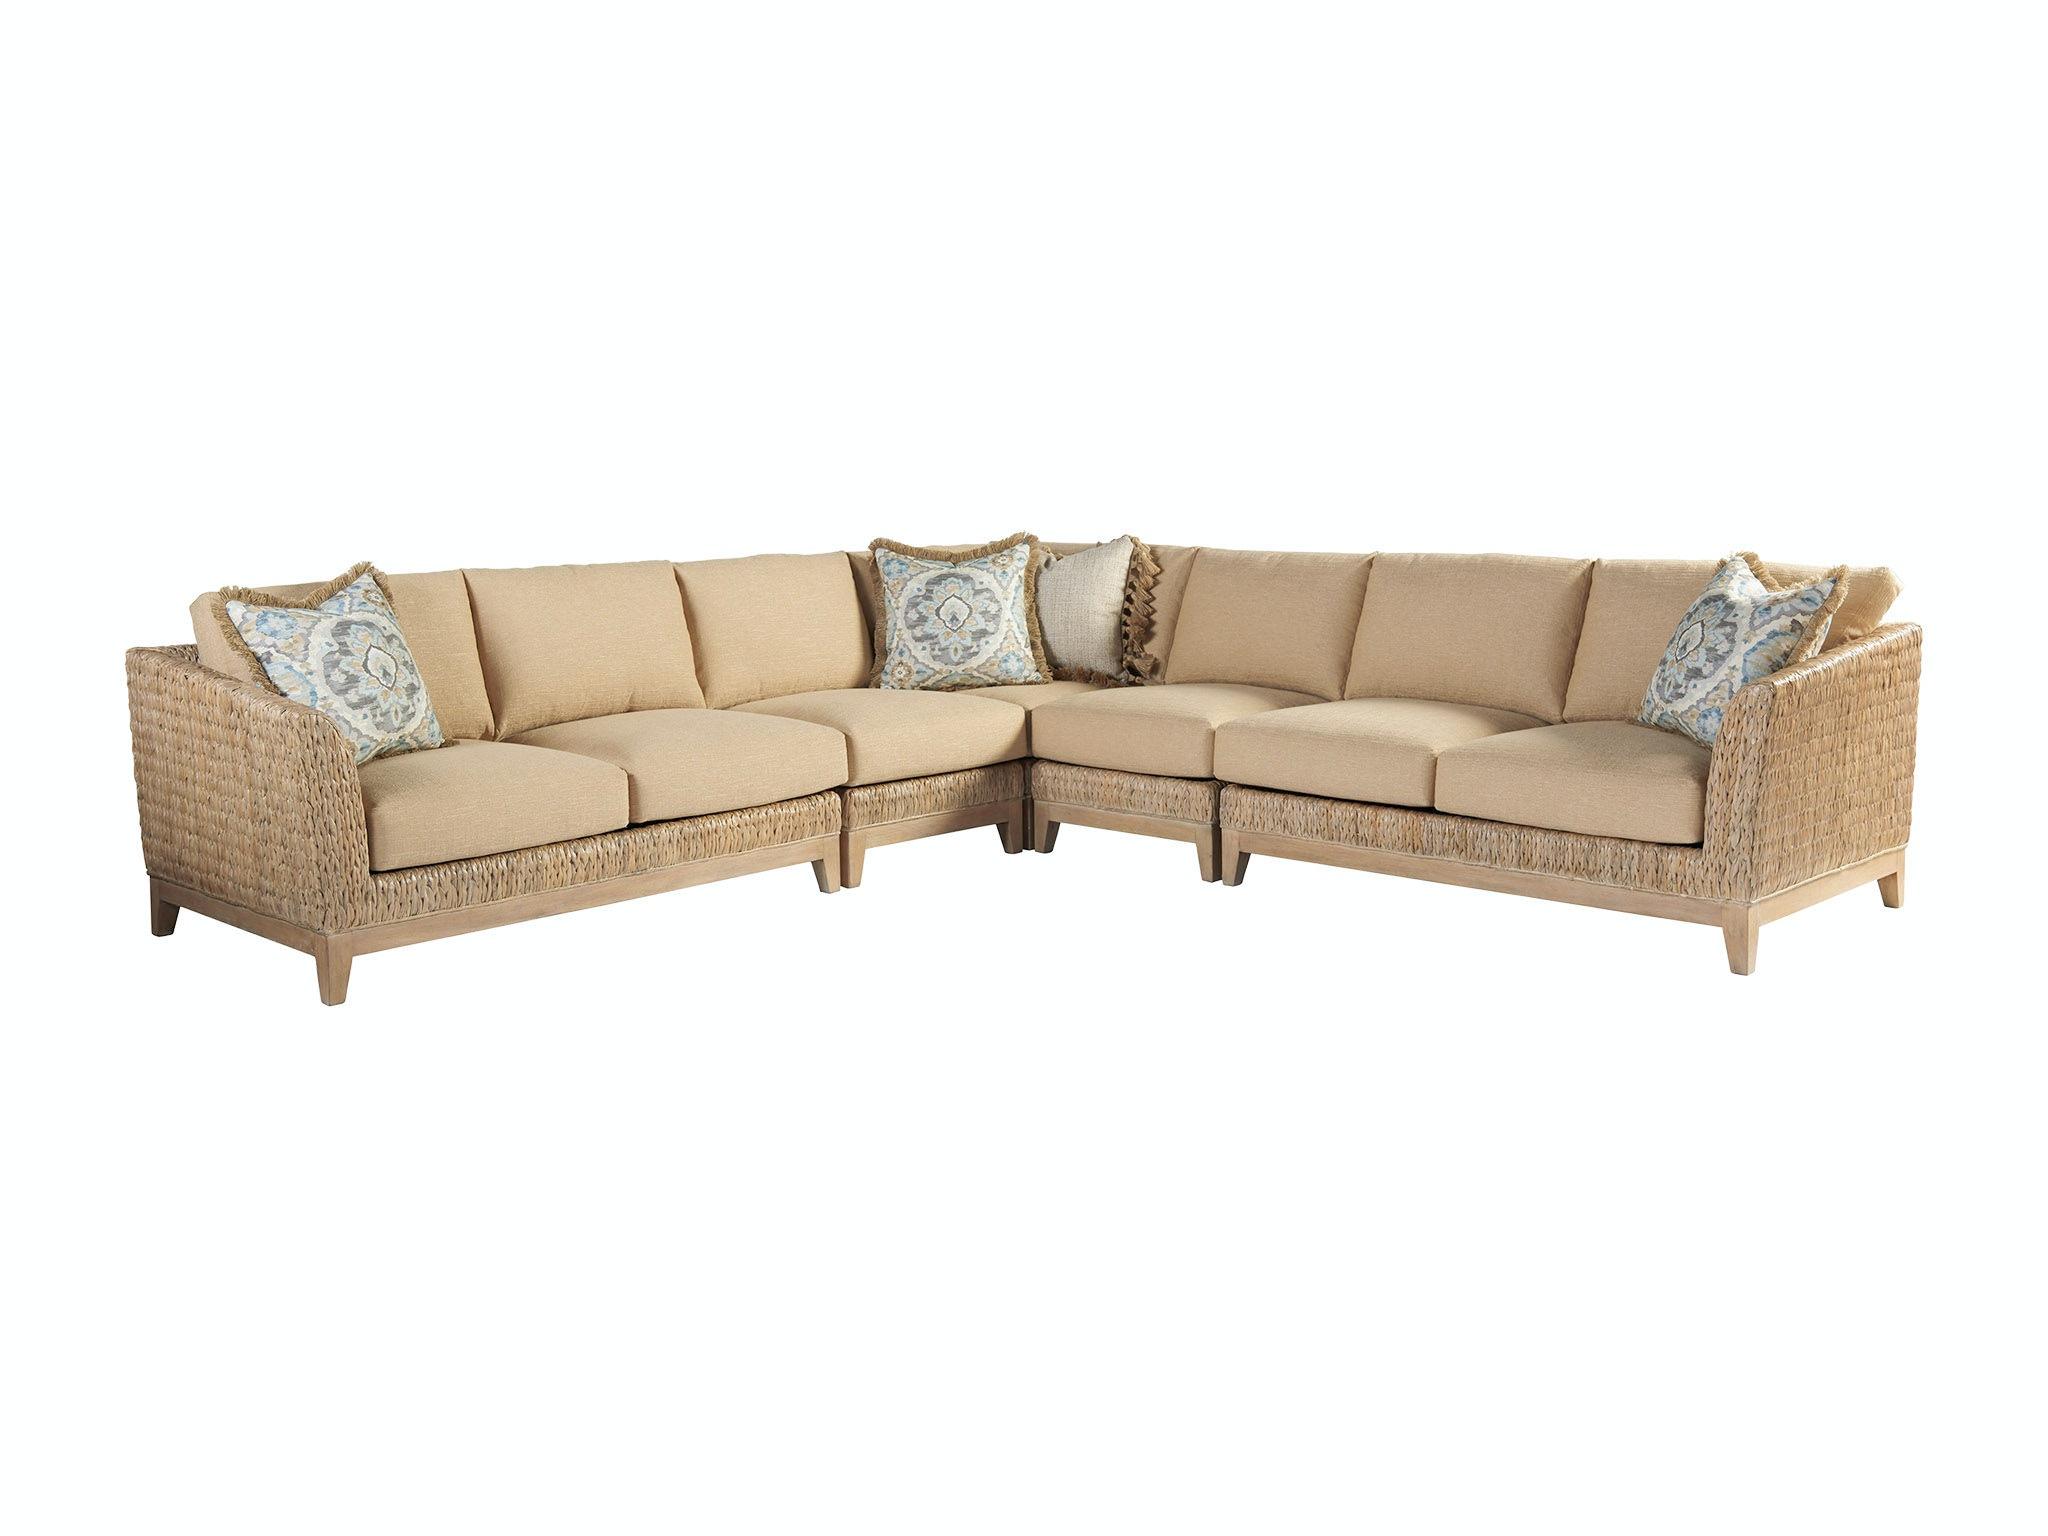 Merveilleux Gasioru0027s Furniture